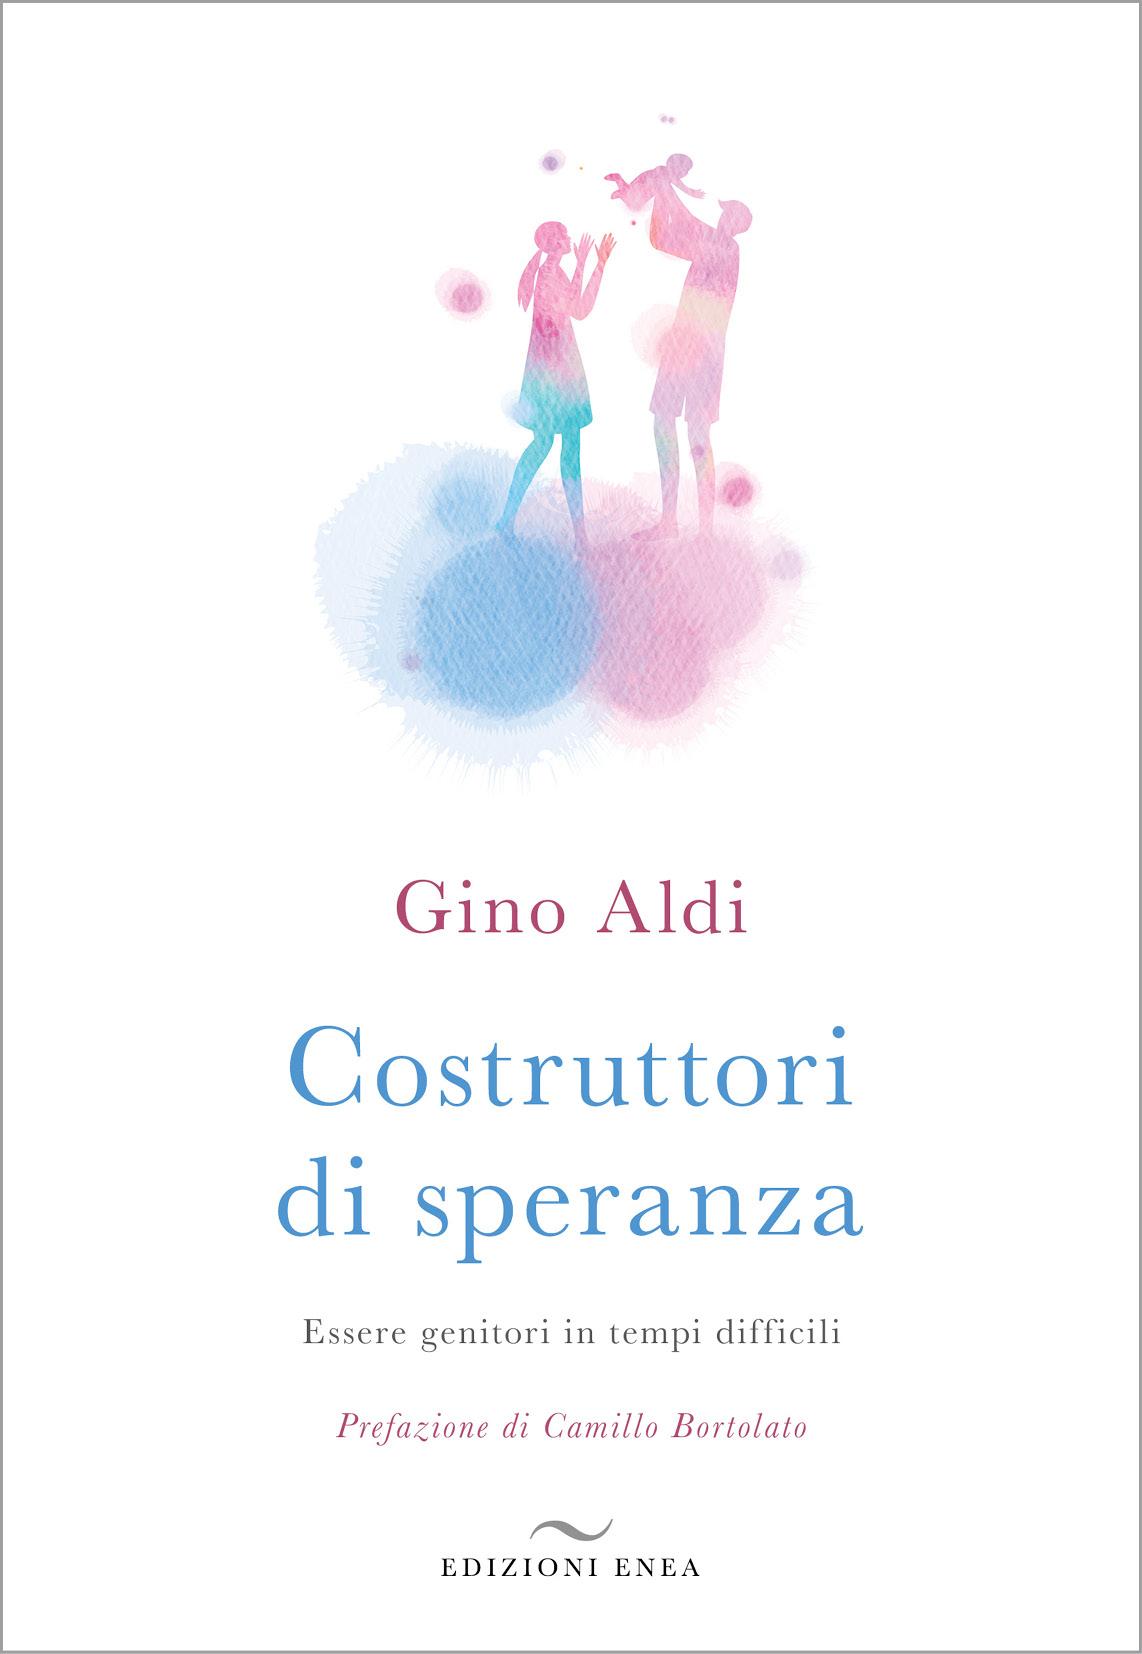 Costruttori di speranza - Gino Aldi | Edizioni Enea